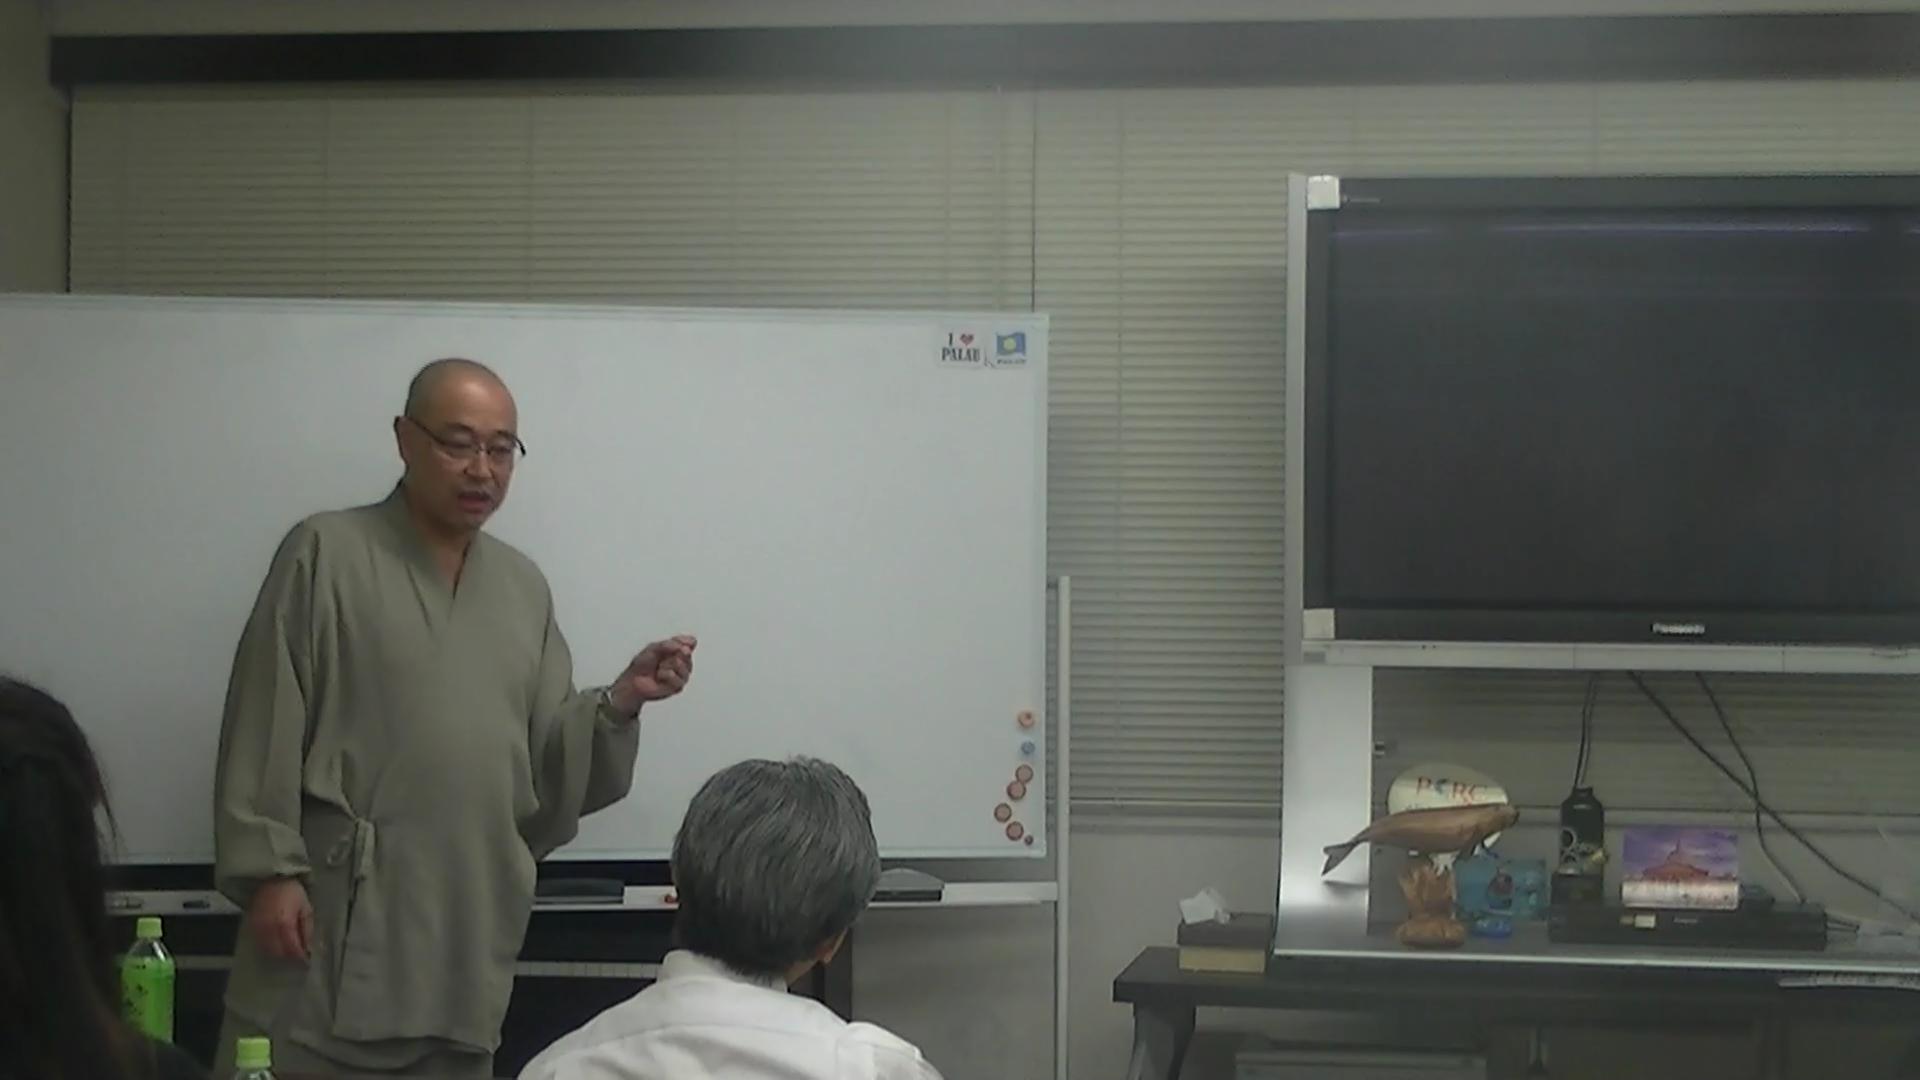 00299.MTS 000981611 - 釈正輪老師講話会、開催しました。